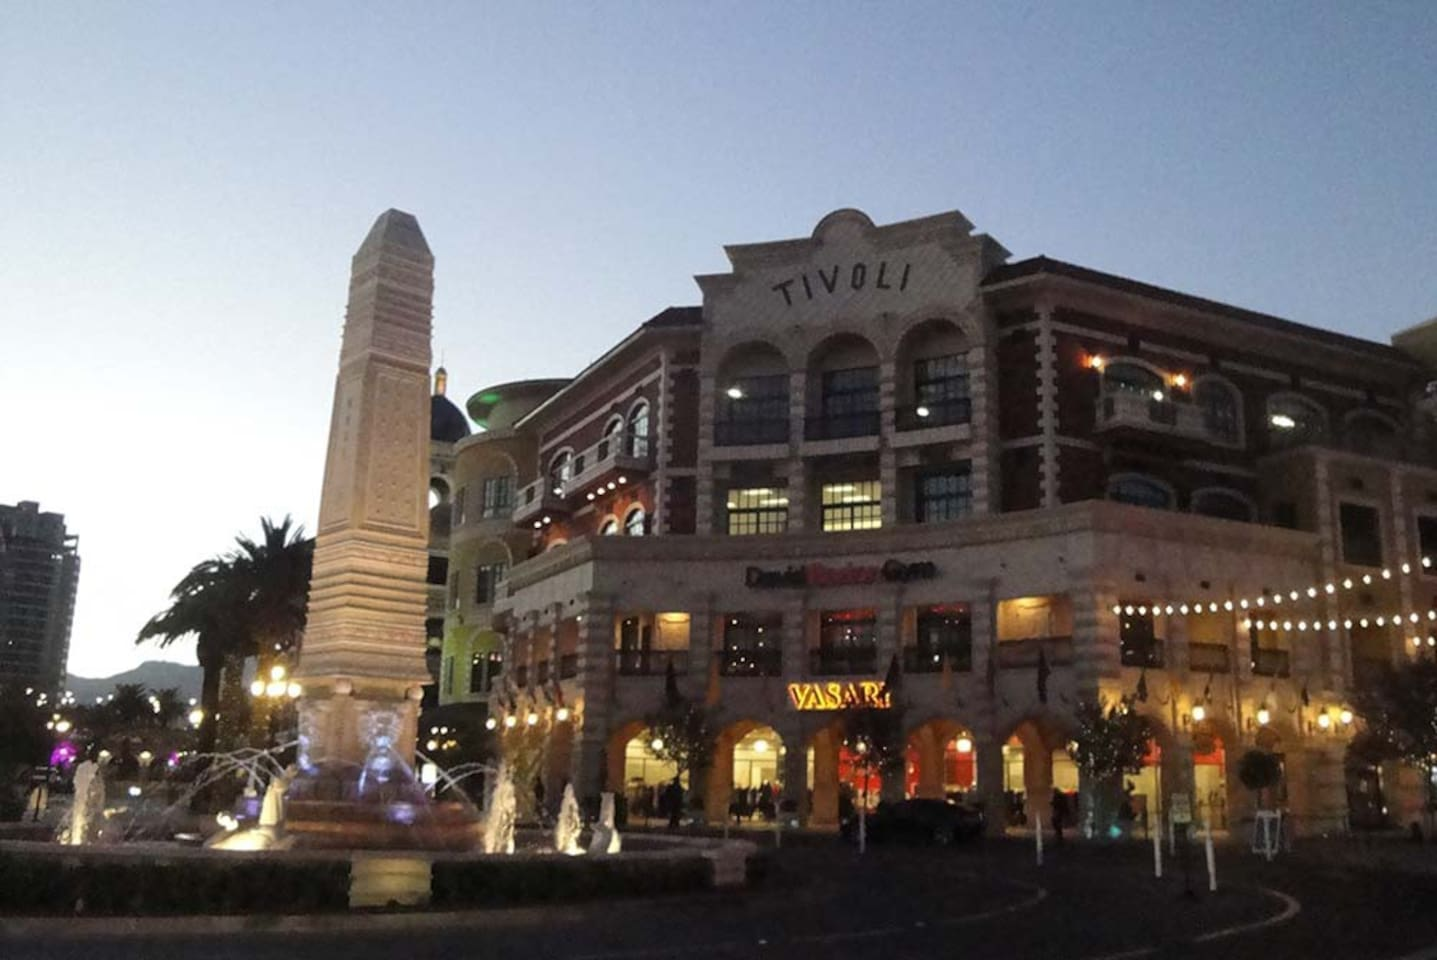 Tivoli Shopping Center